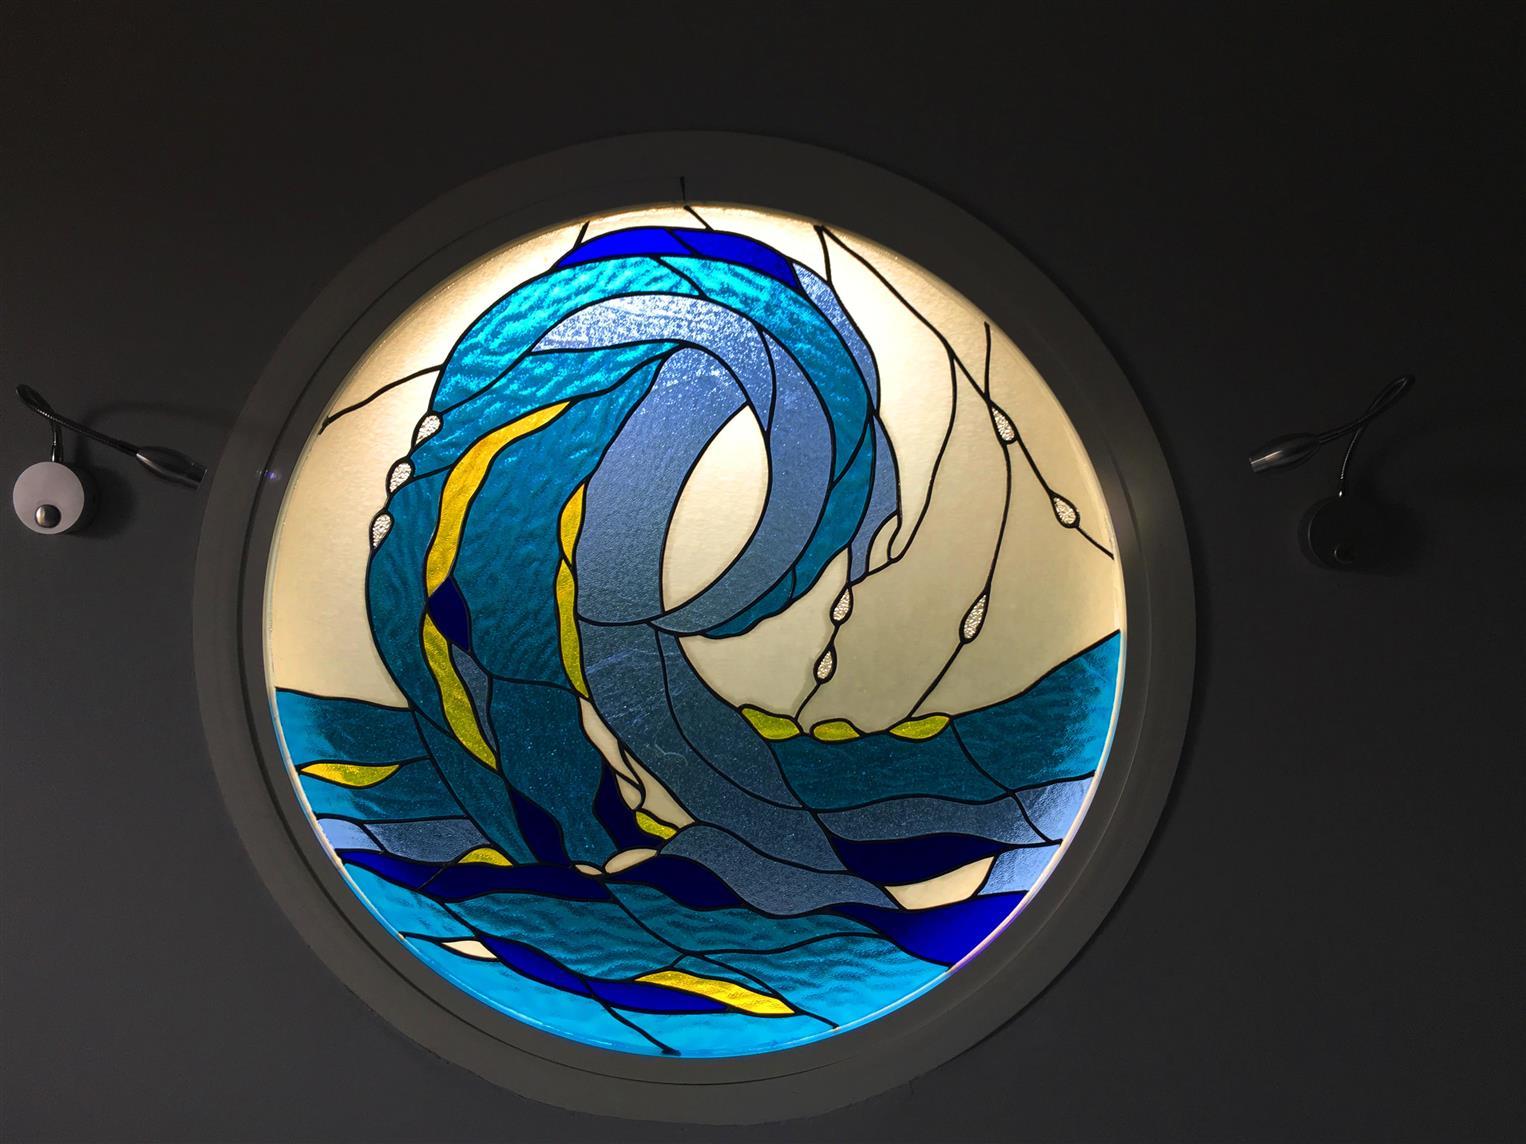 yuvarlak-pencere-vitraylari-urla20171221193919161.jpg izmir vitray çalışması